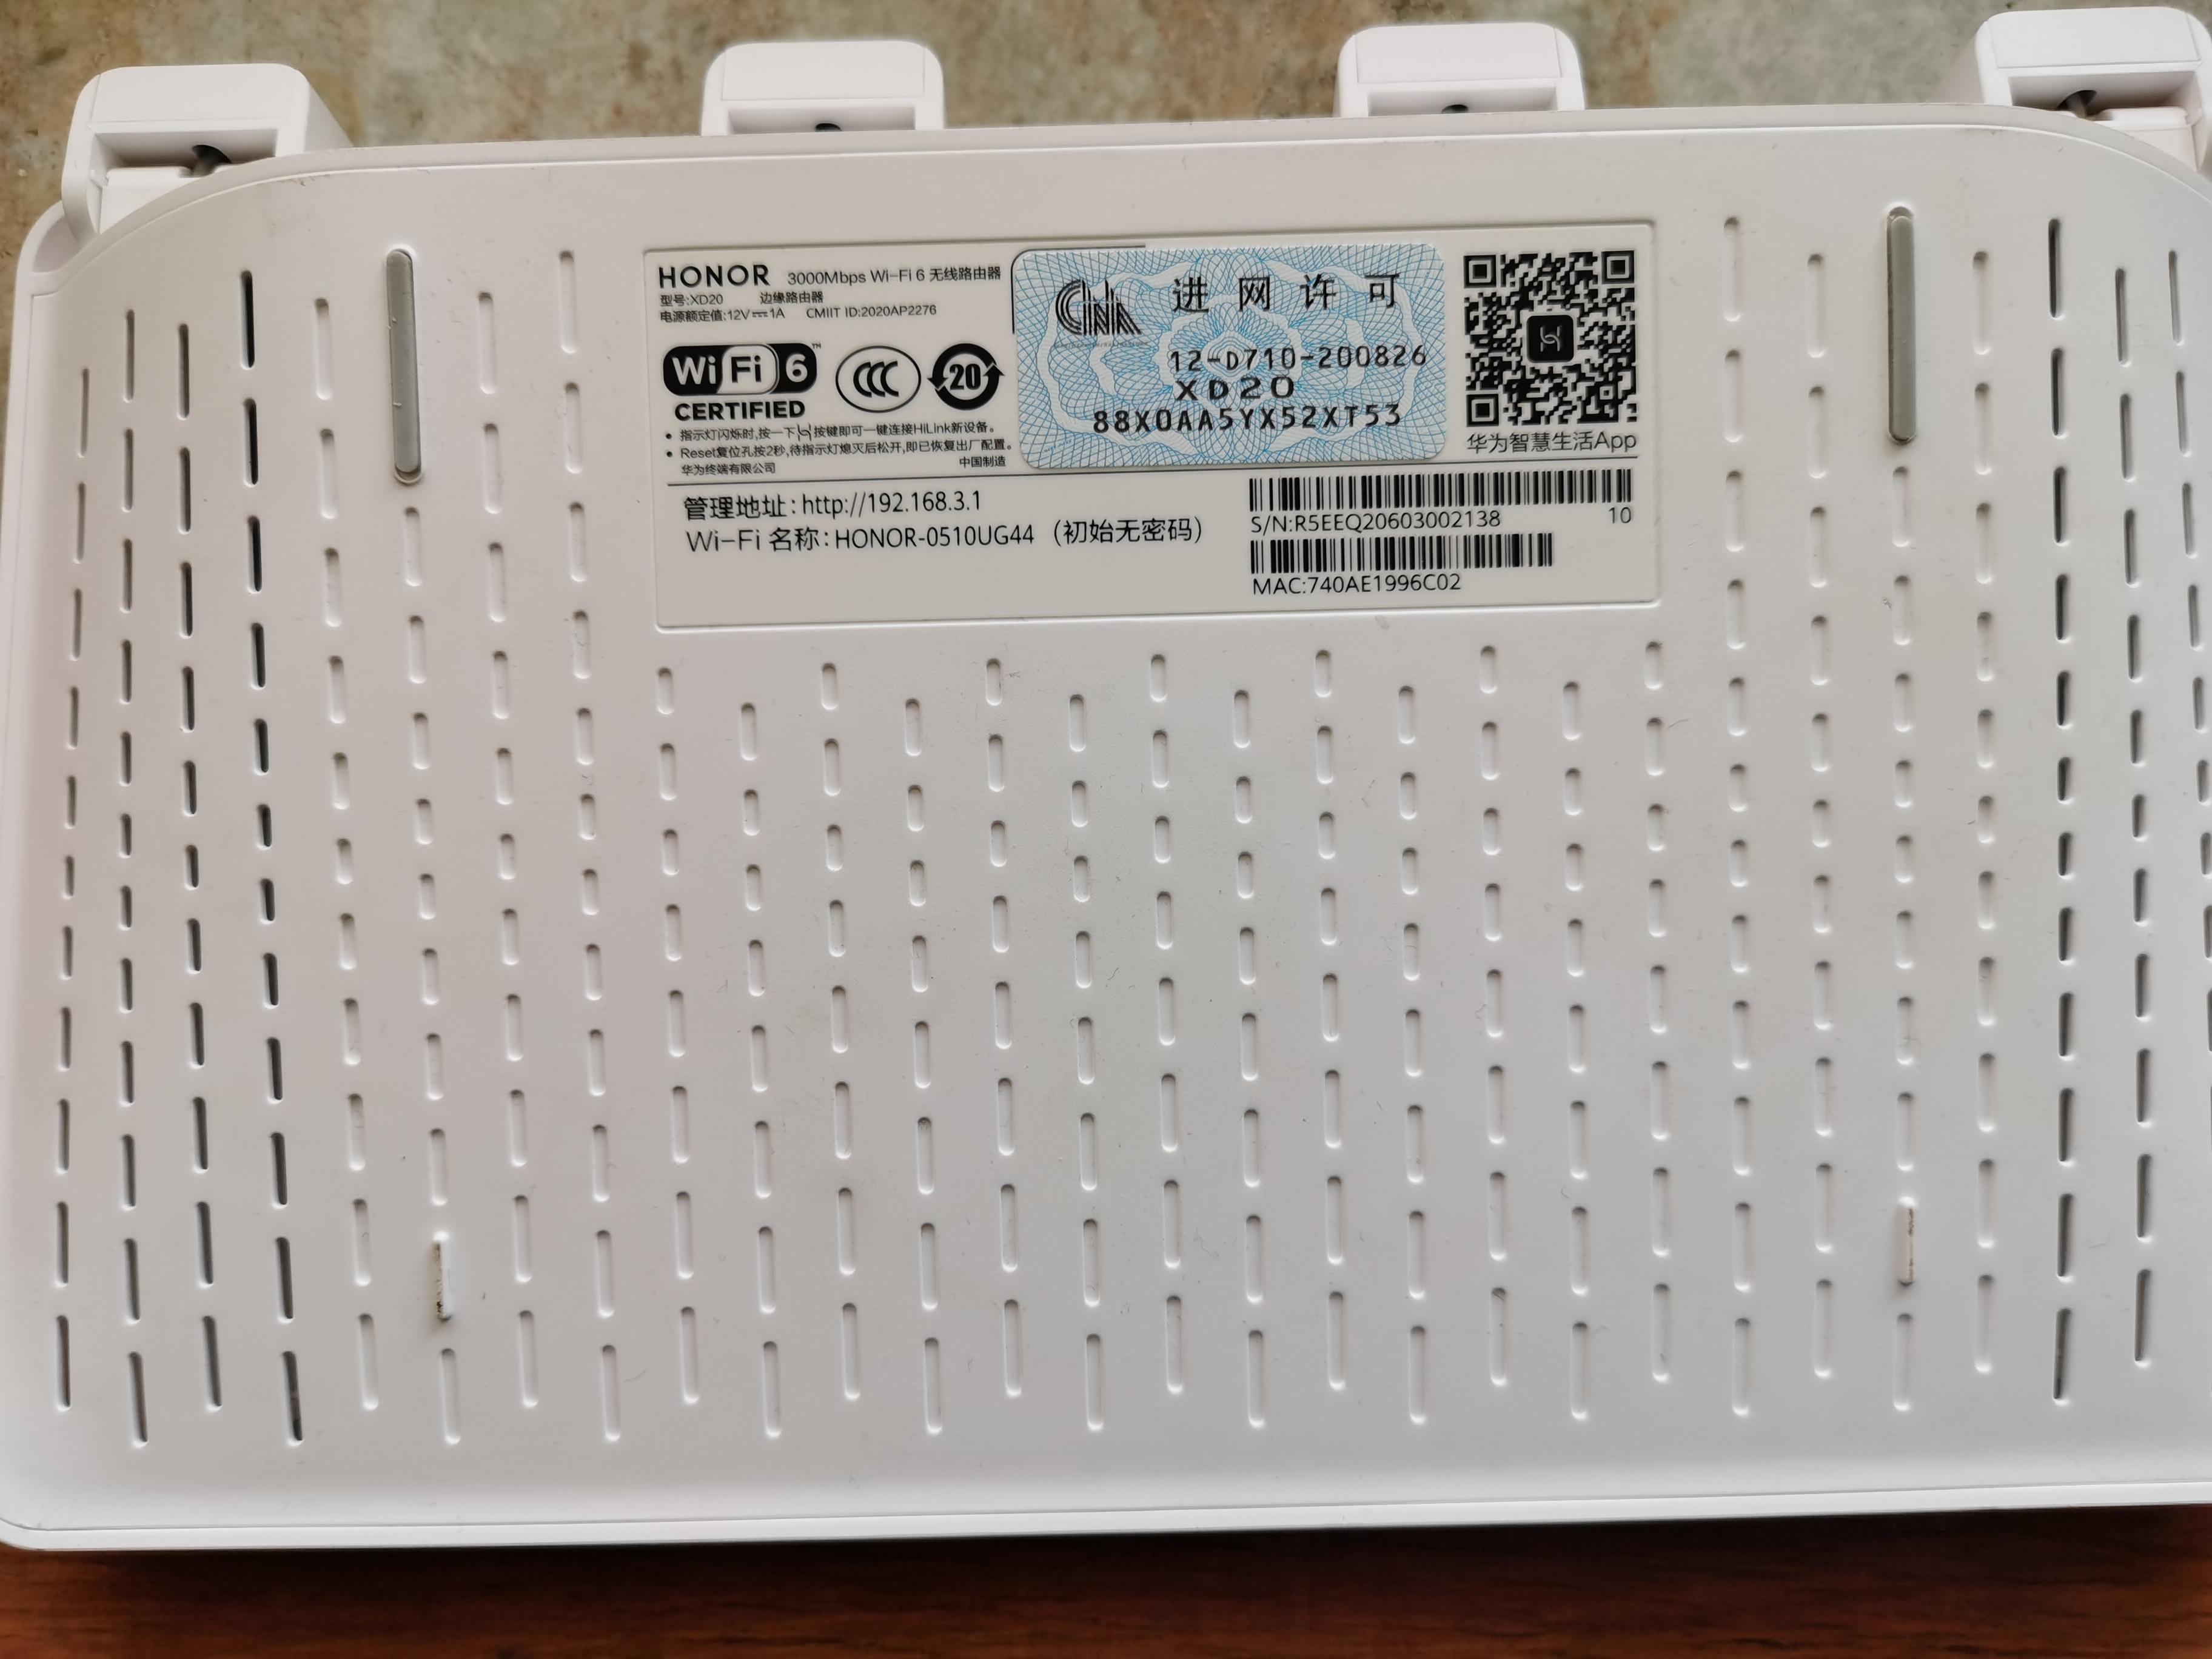 手机怎样改wifi名称和密码(重置WiFi改密教程)